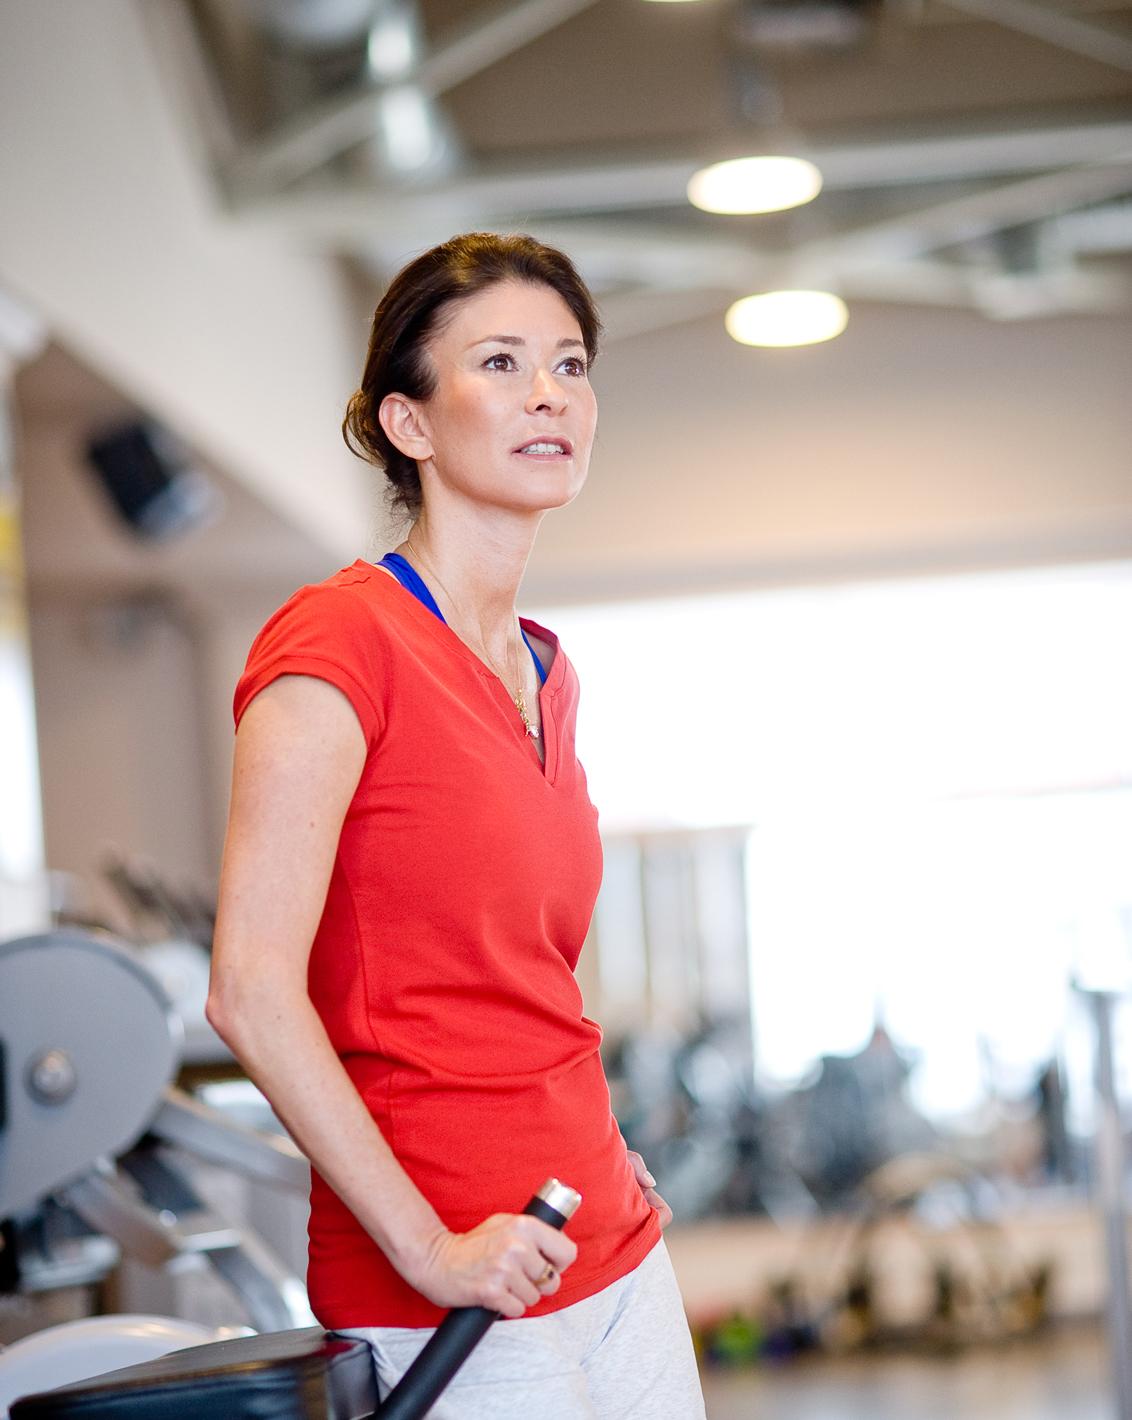 Ольга Слуцкер - спортсменка, предприниматель